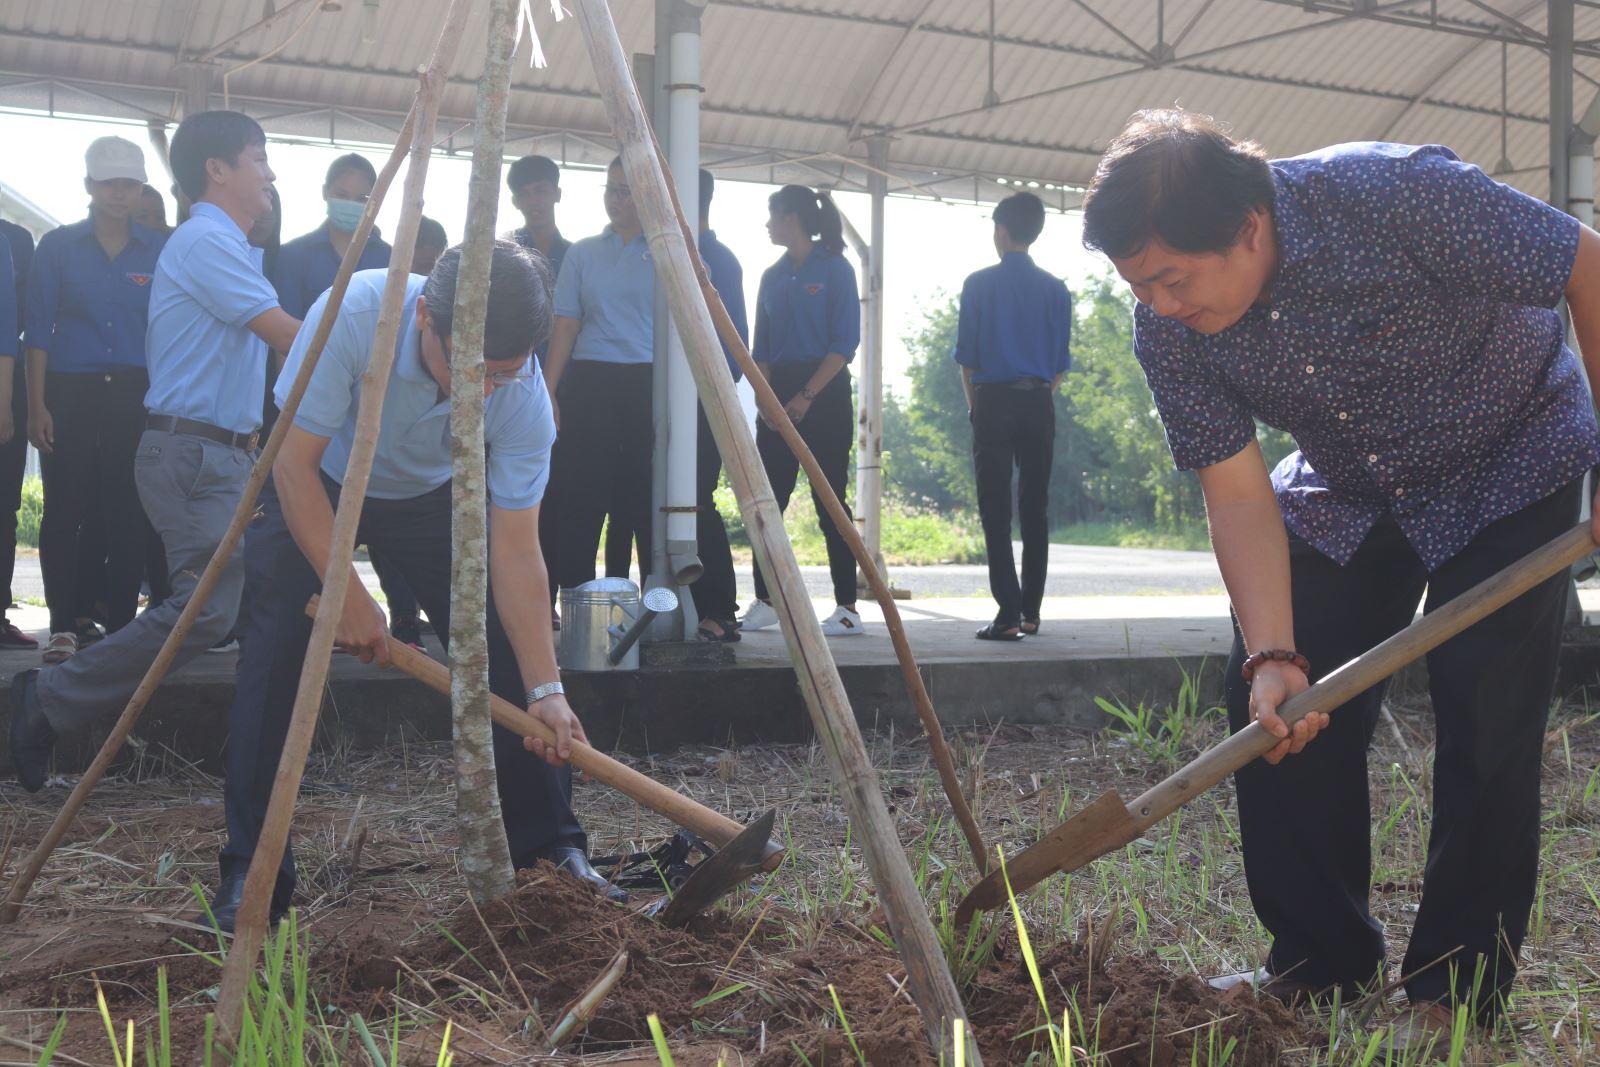 Phân hiệu ĐHQG-HCM tại tỉnh Bến Tre tổ chức buổi Lễ phát động trồng cây Chào mừng năm học mới 2018 - 2019